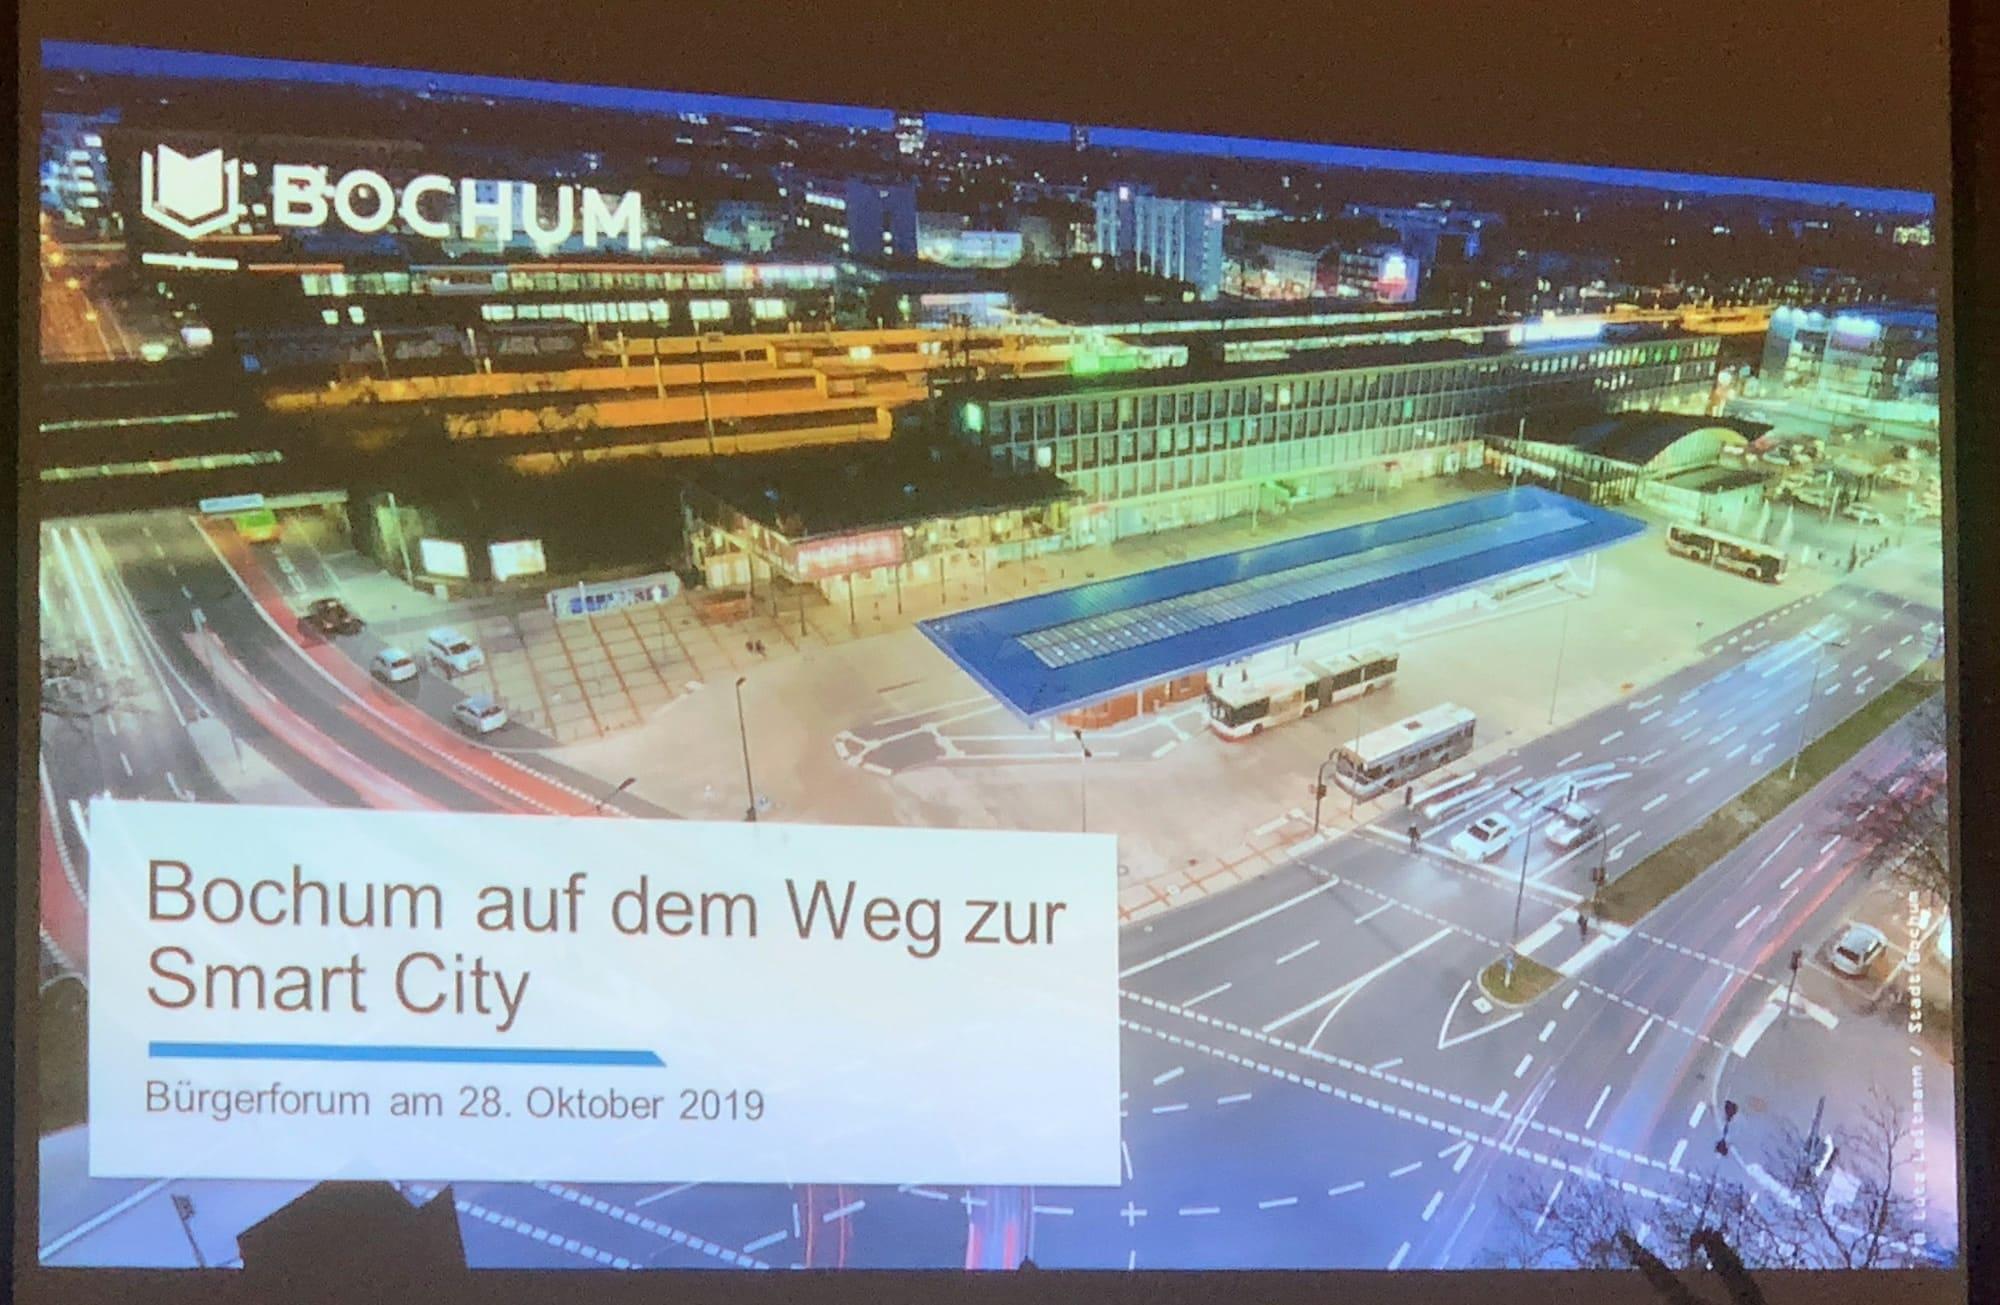 Bochum auf dem Weg zur Smart City (Bürgerforum im Ehrenfeld)